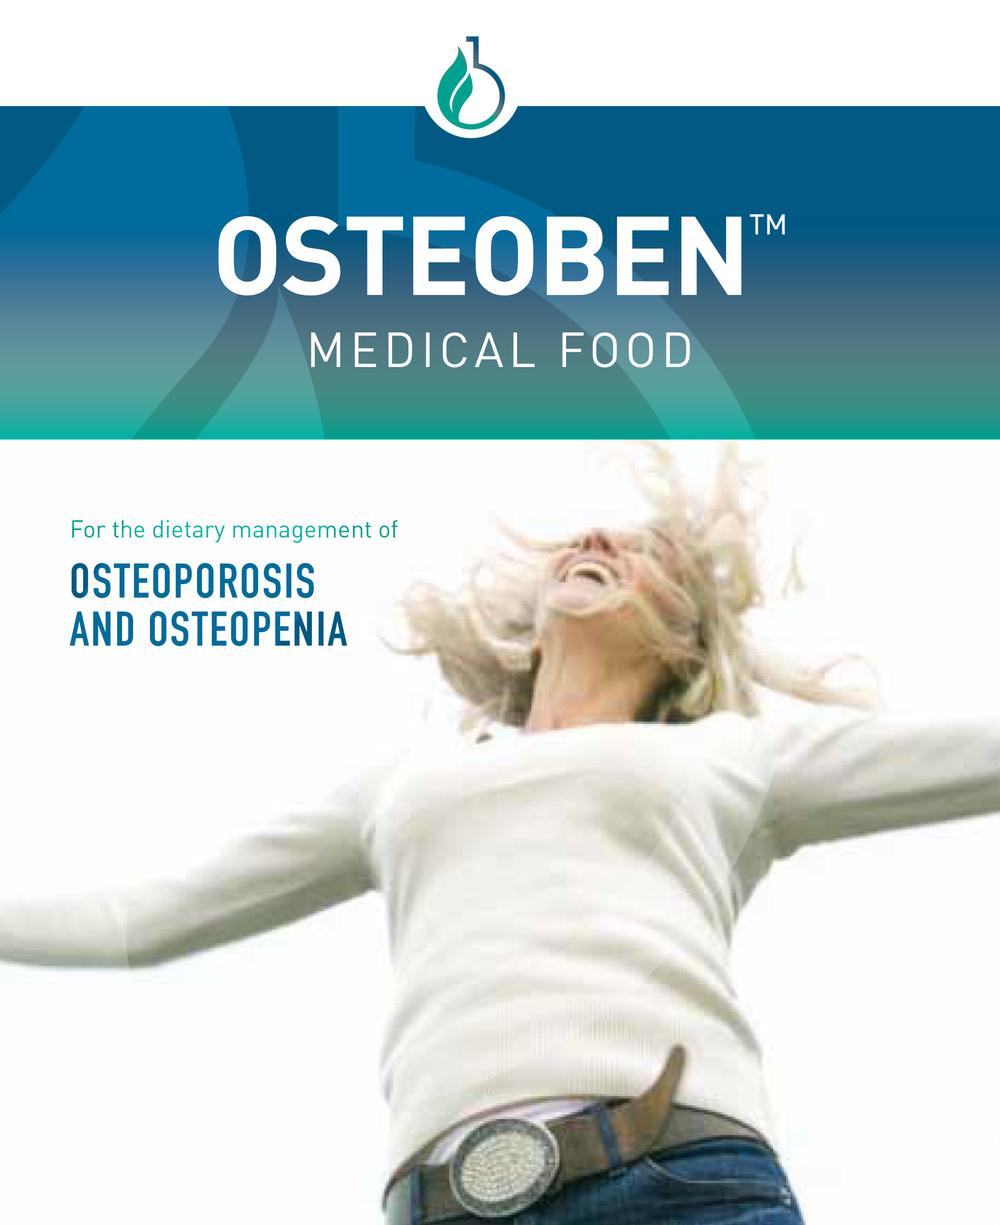 Osteoben Patient Brochure FRa 42613-1.jpg